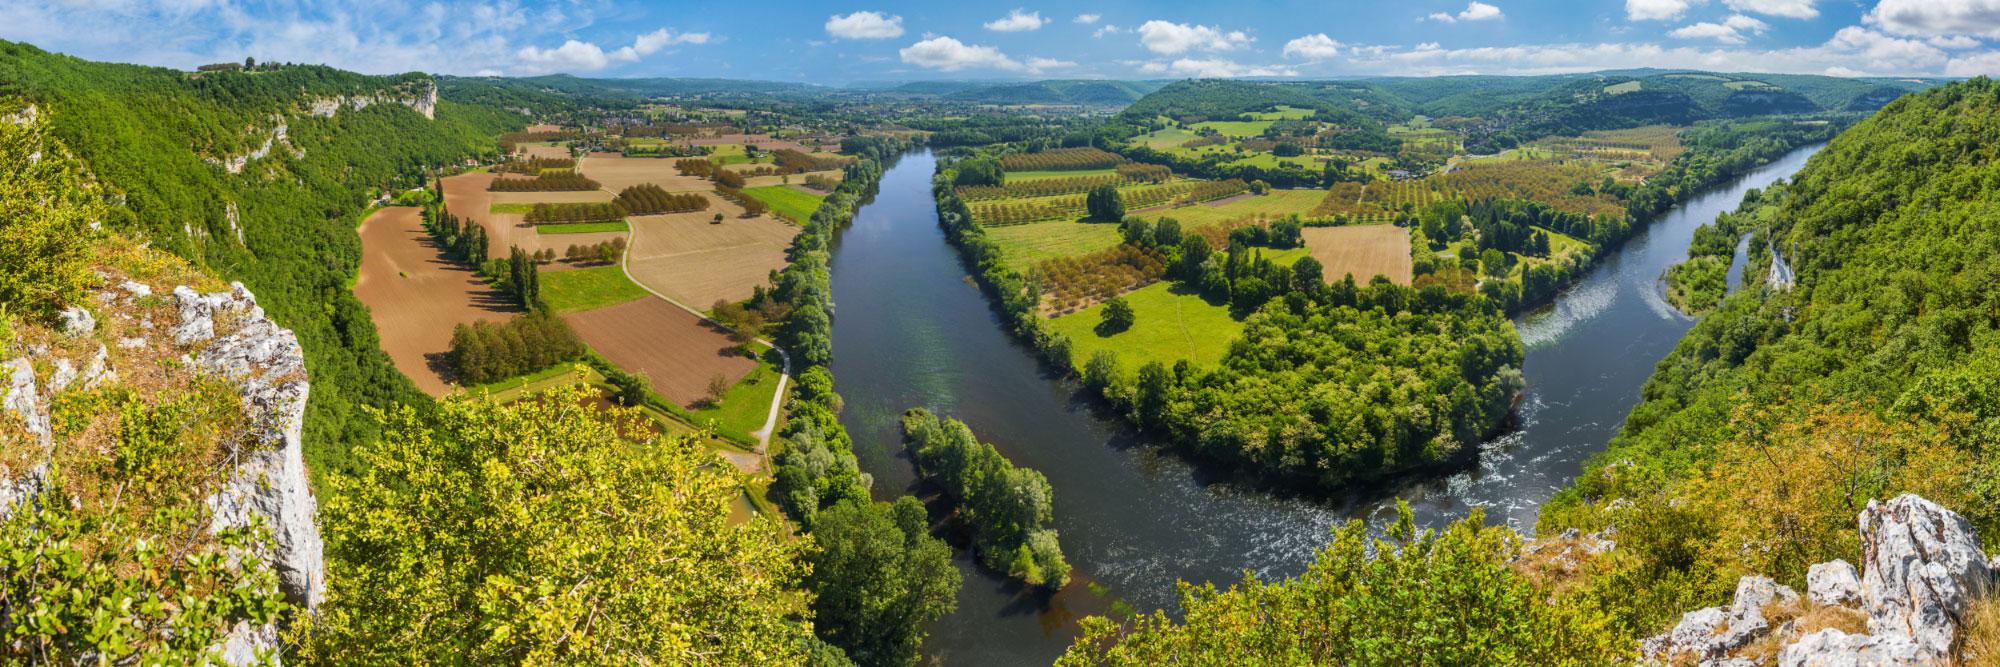 Vue sur la vallée de la Dordogne depuis le bord du Roc Coulon, Quercy